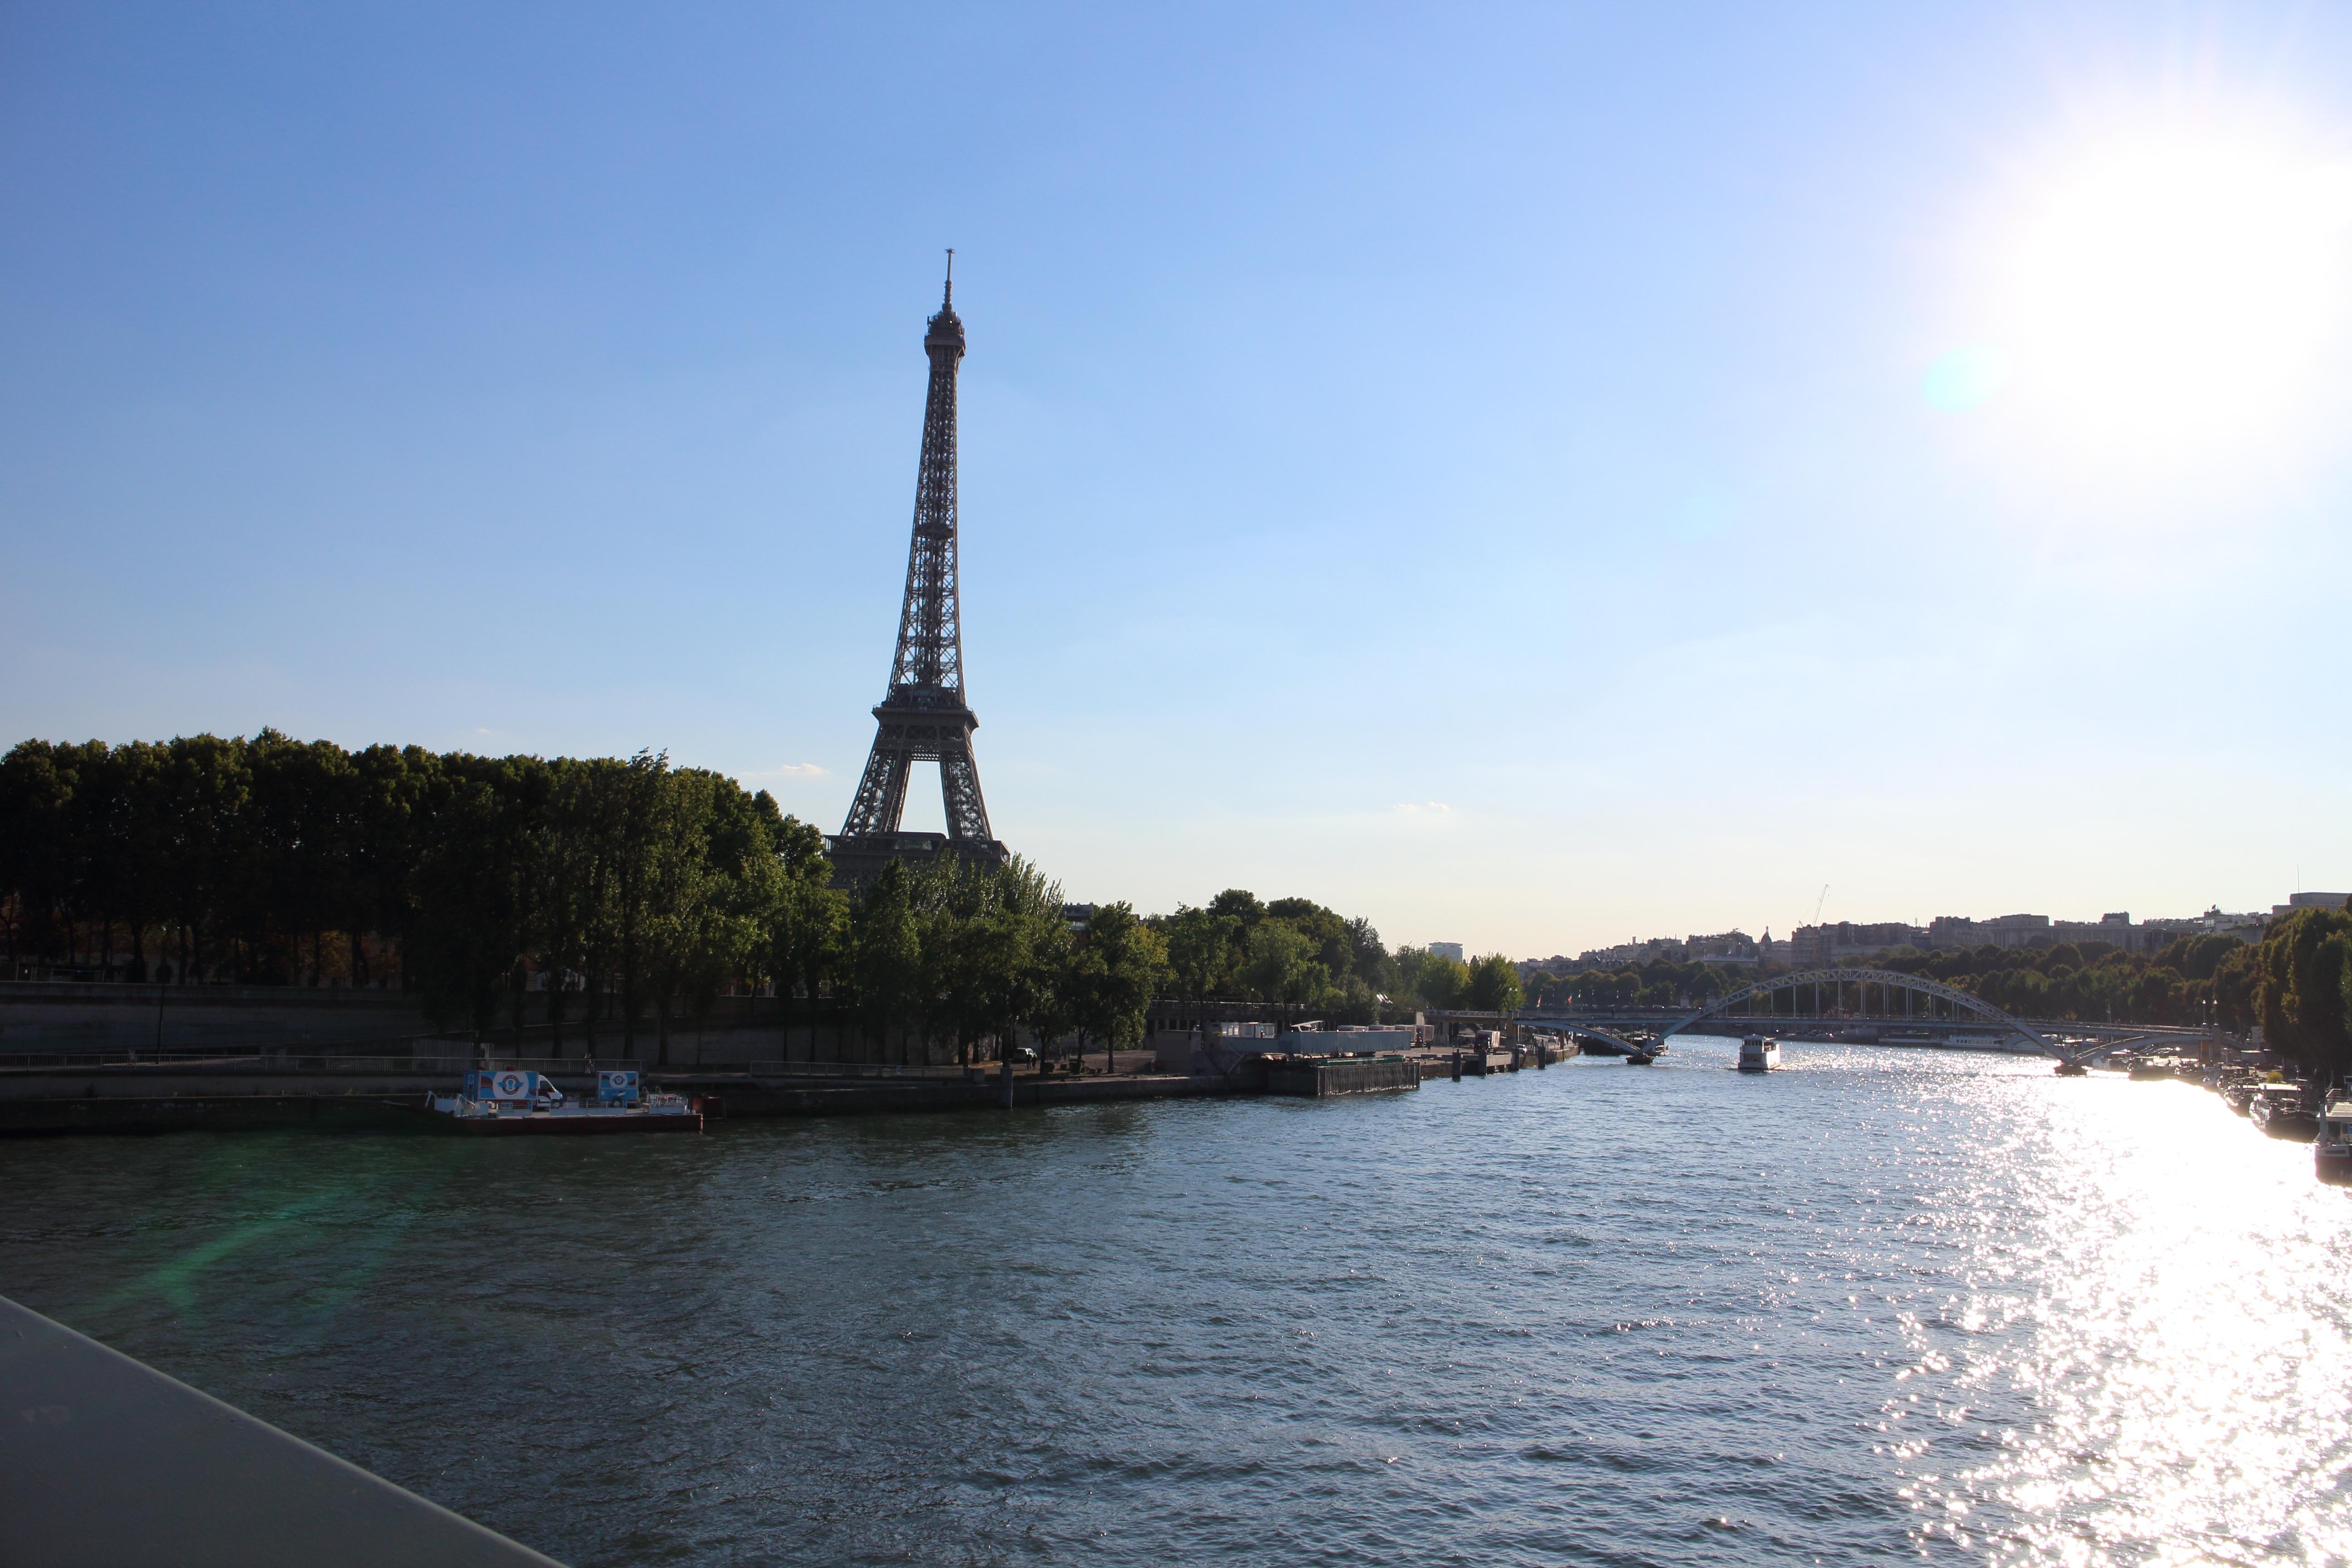 滞在時間6時間!弾丸すぎるパリ観光